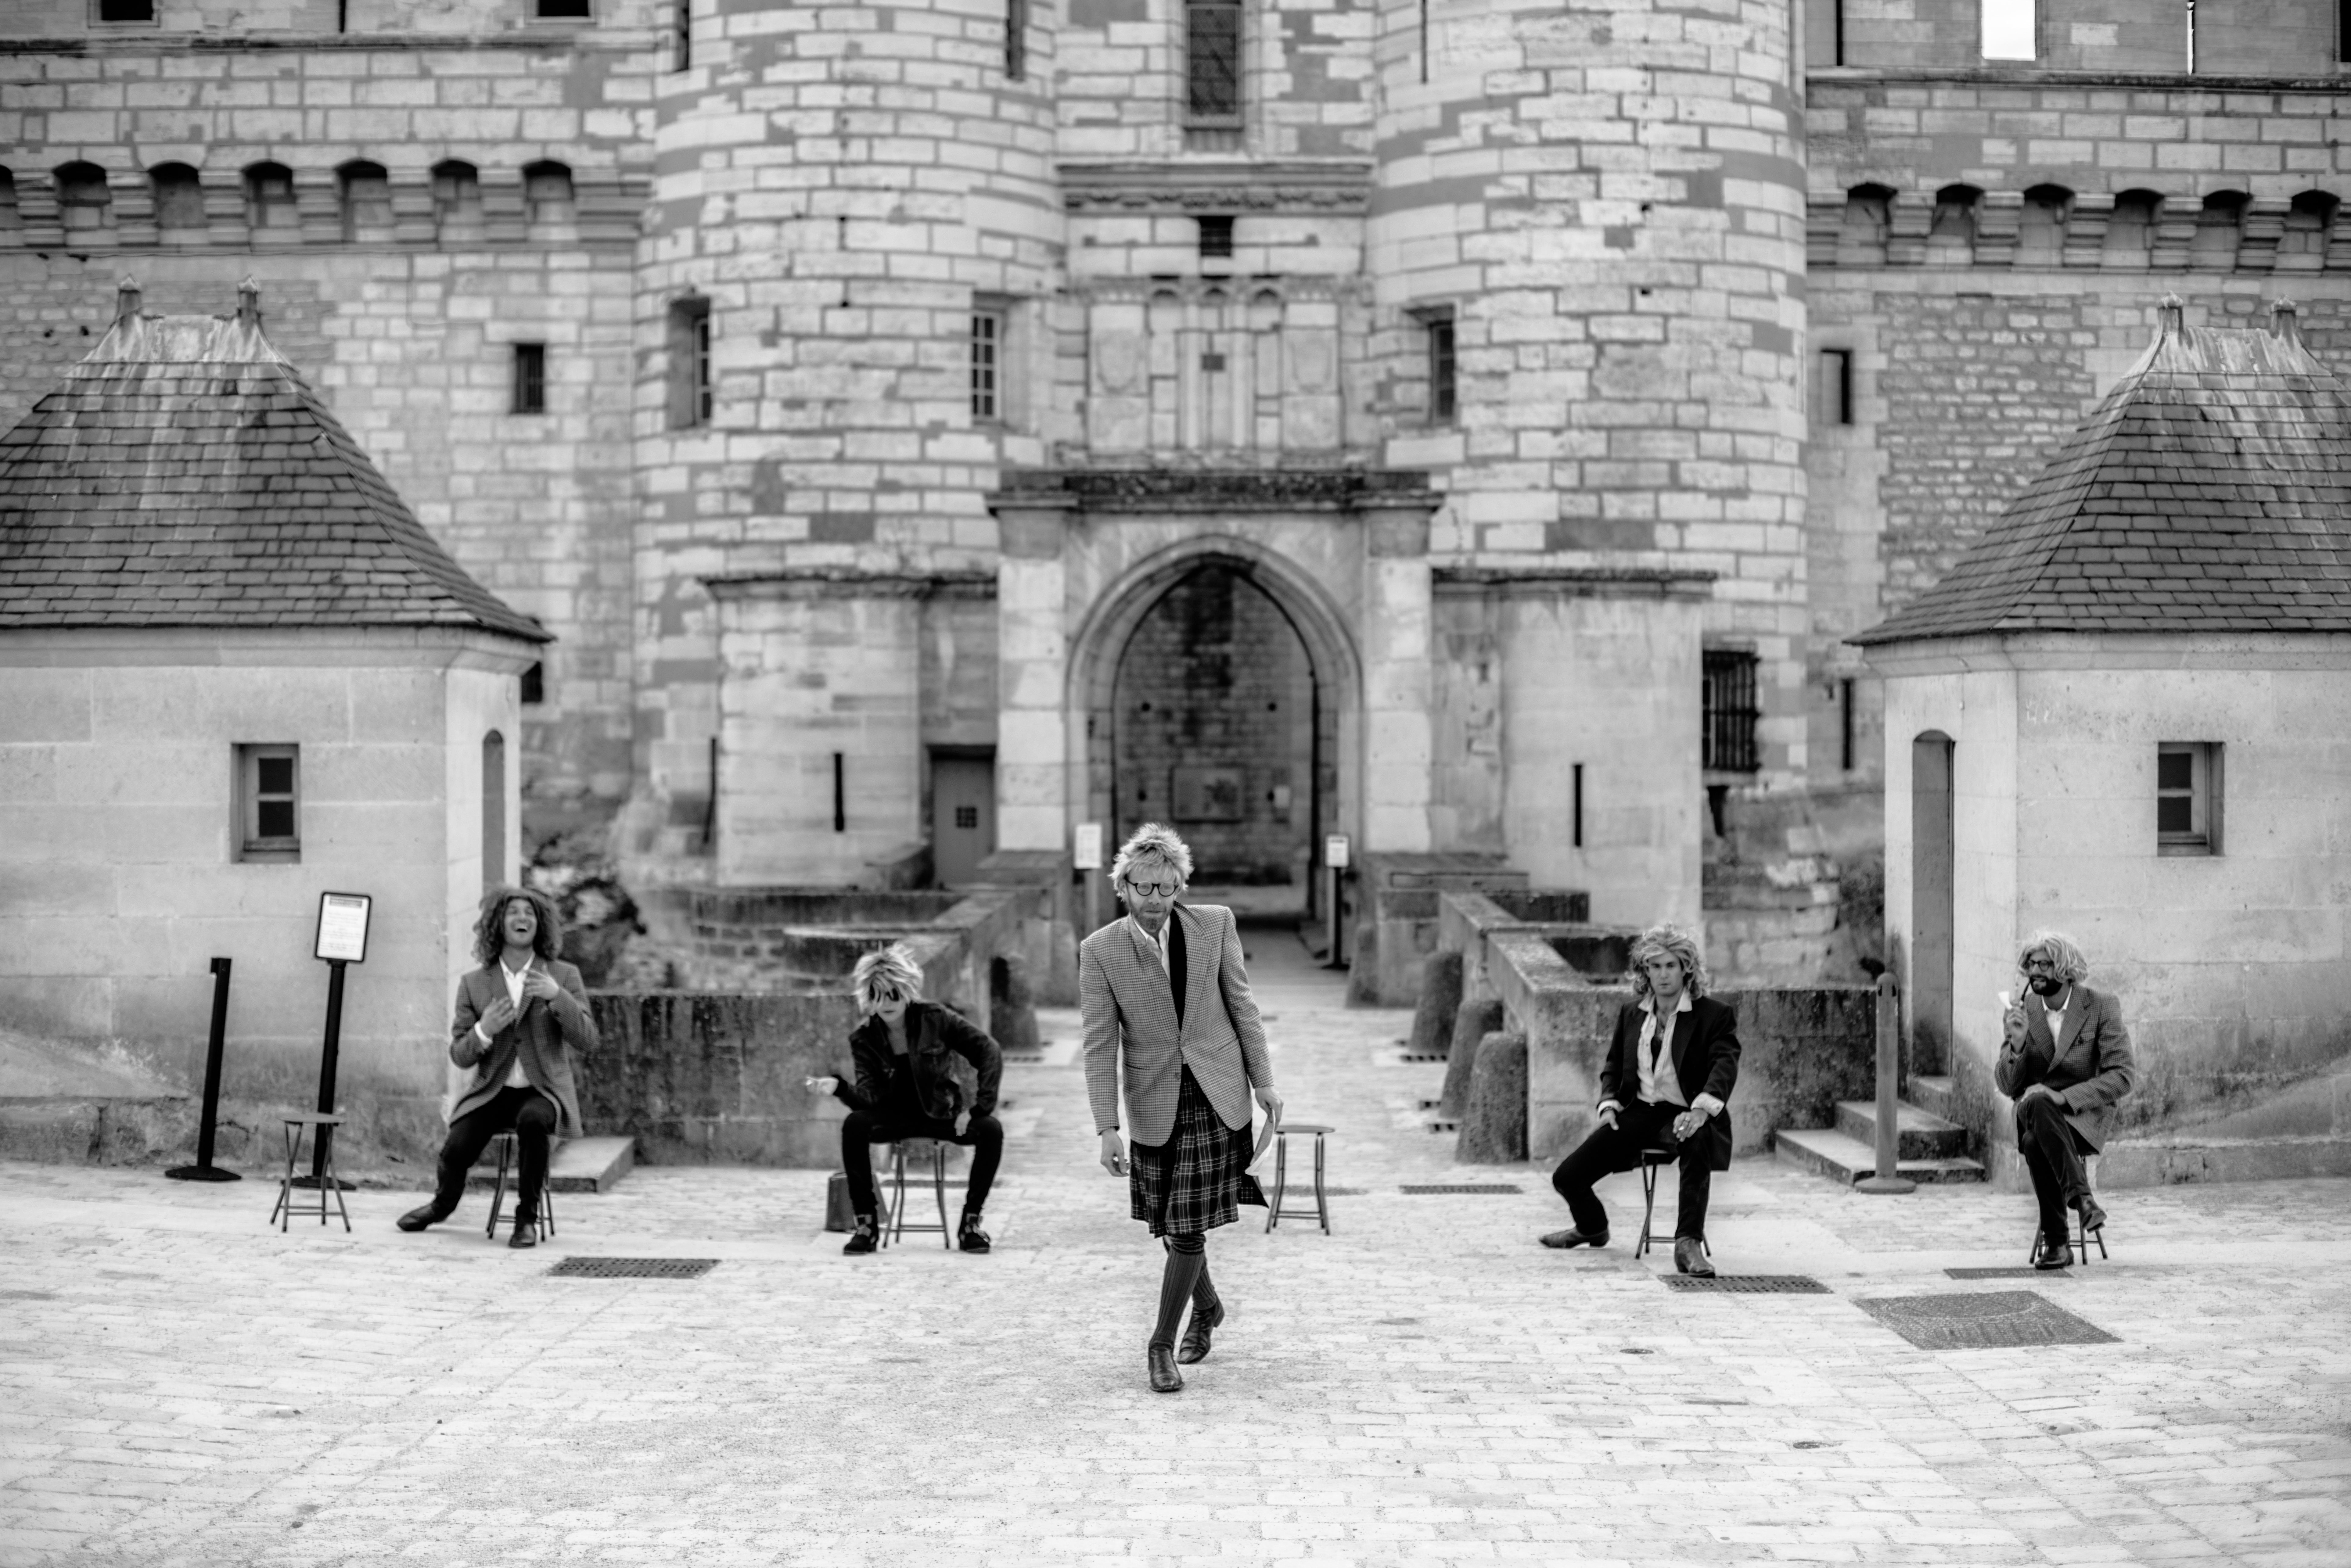 Les Trois Mousquetaires © Bernard De Rouffignac